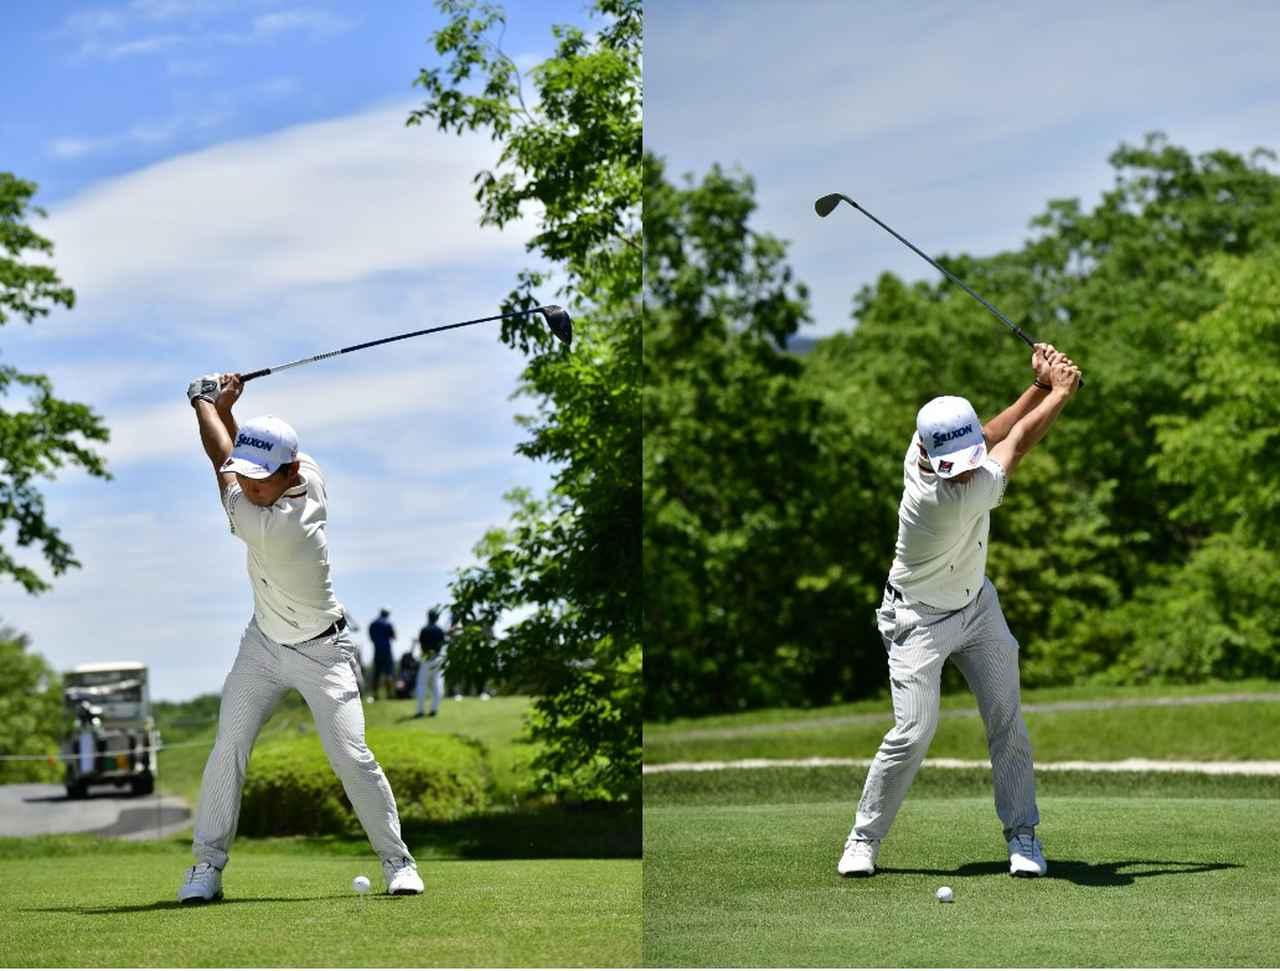 Images : 2番目の画像 - 高橋慧の左右打ち連続写真 - みんなのゴルフダイジェスト